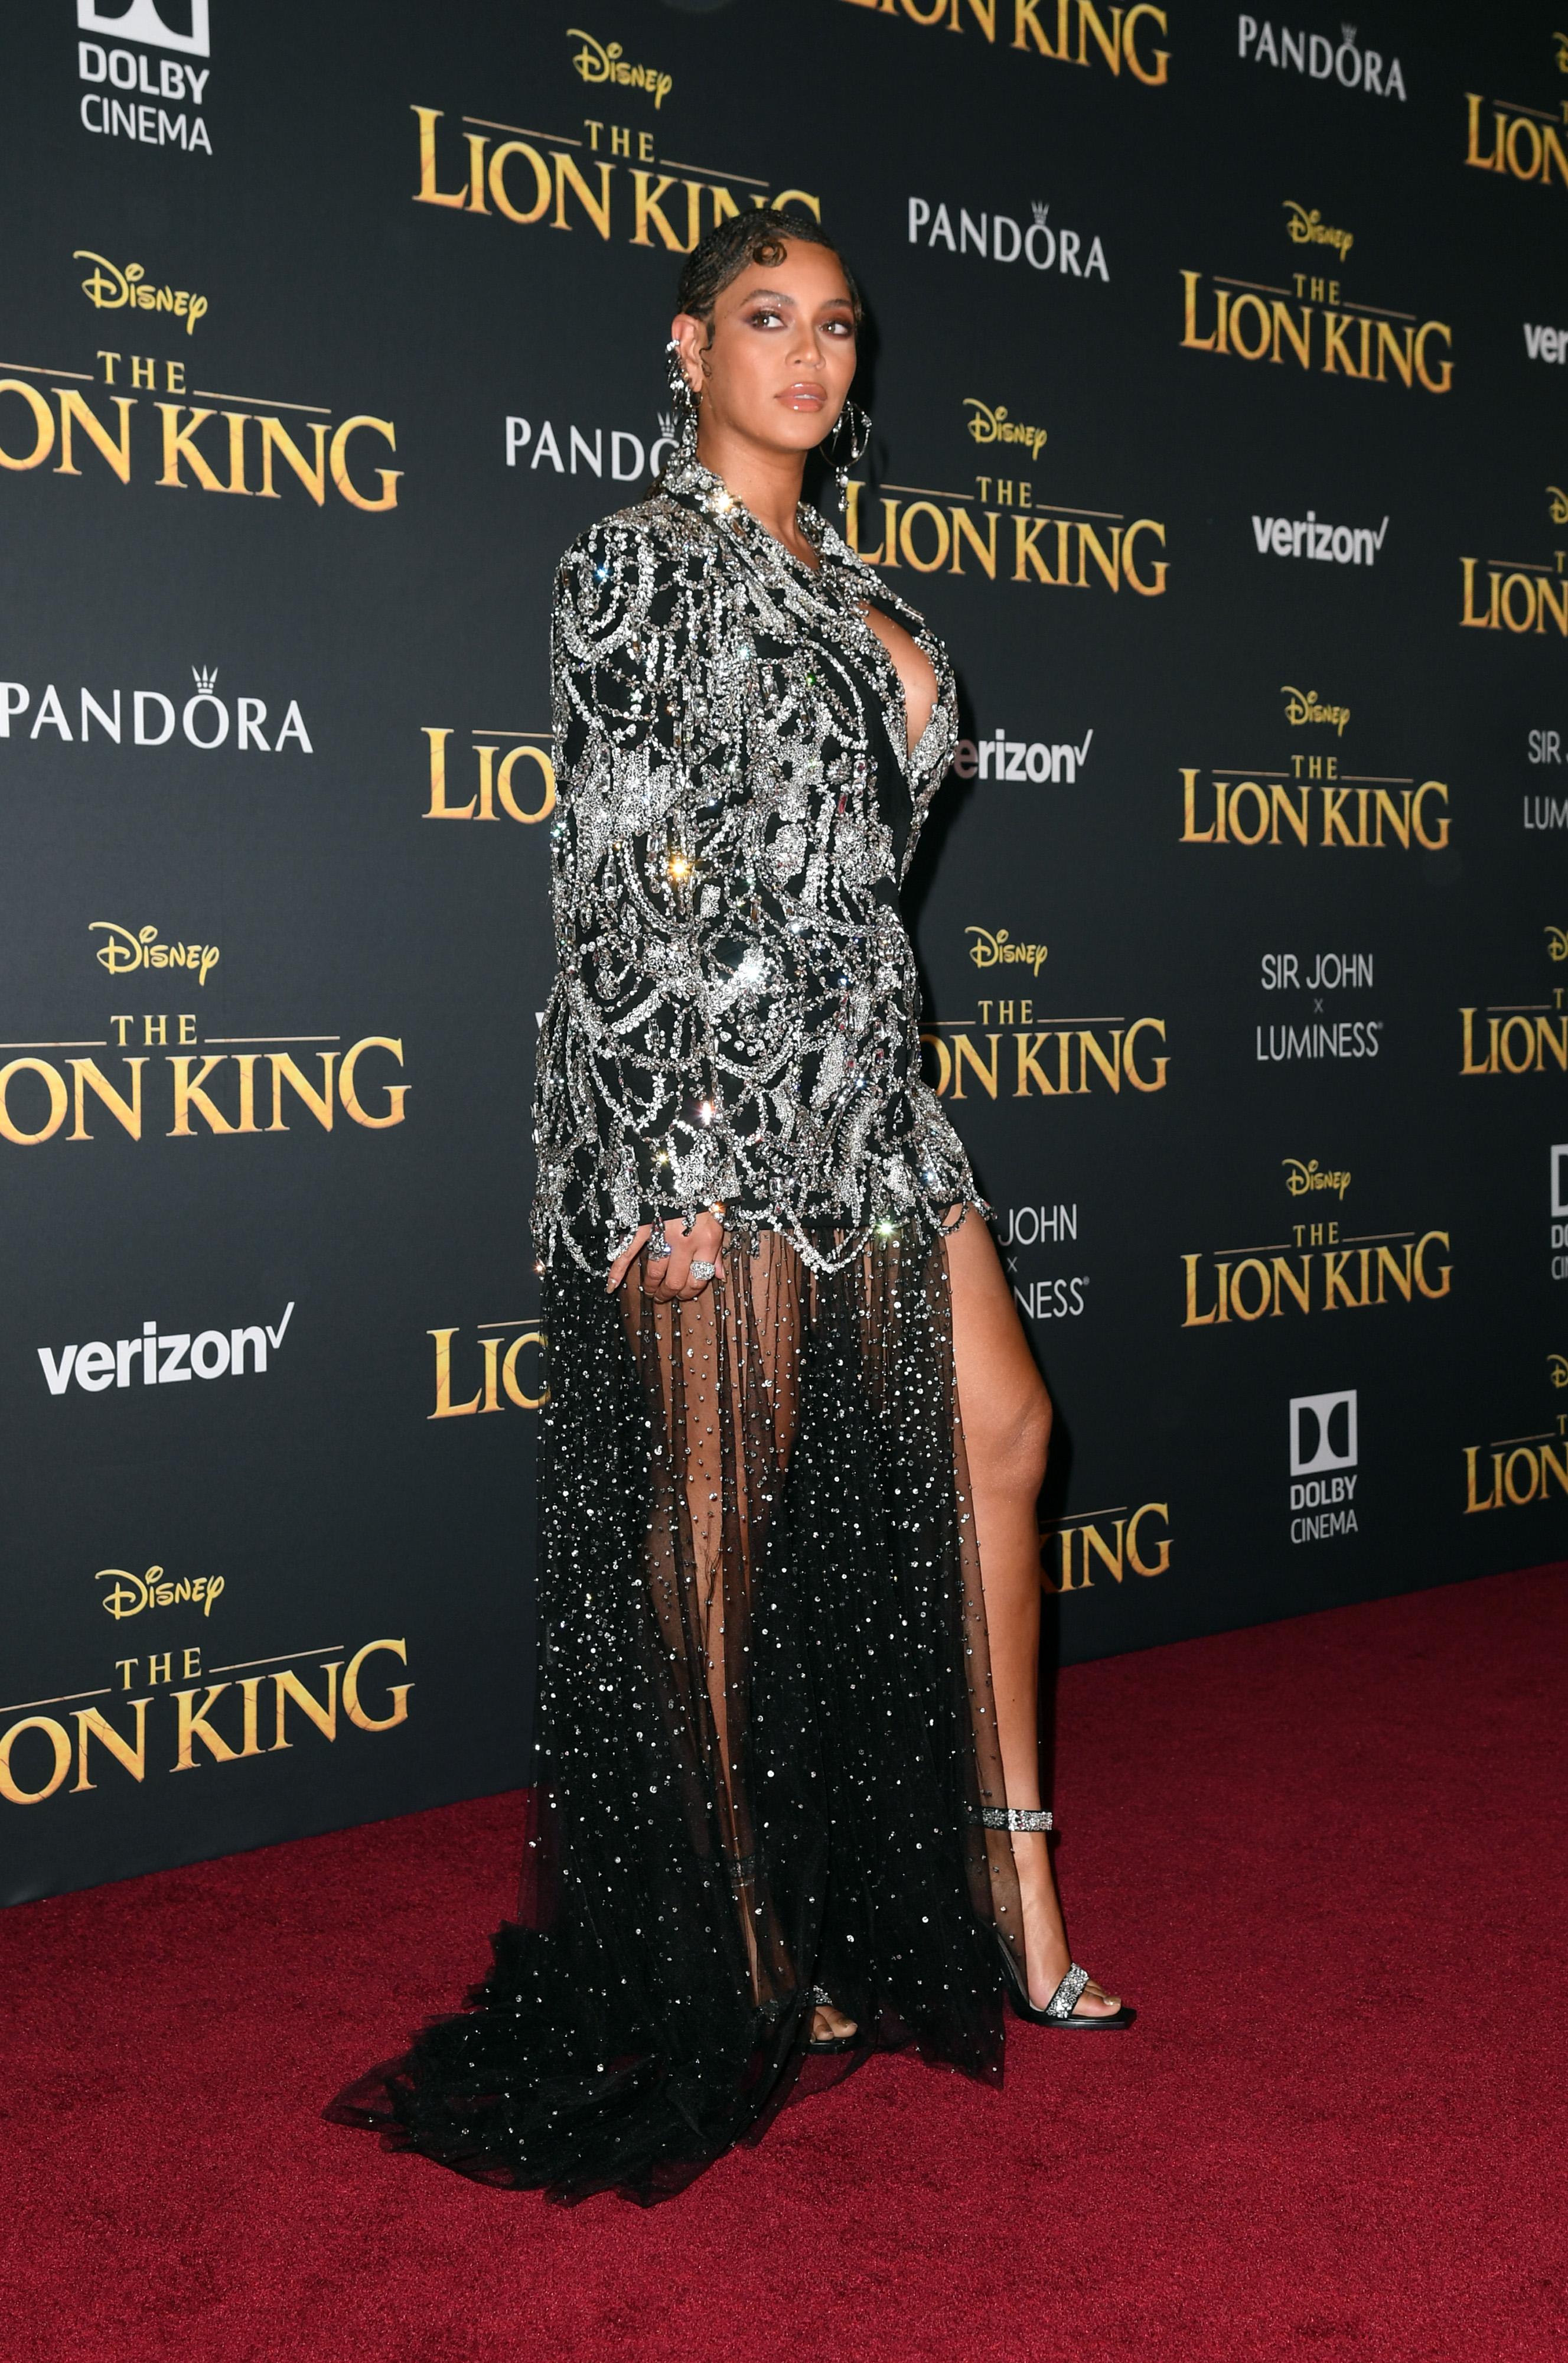 <p>Поп звездата се появи облечена с много интересна рокля, наподобяваща сако, но надолу по краката се спуска фин воал, стигащ до земята. Тоалетът е в черно и е обсипан с десетки камъни, които придават невероятен ефект. Красивата дреха е дело на модна къща&nbsp;Alexander McQueen.&nbsp;</p>